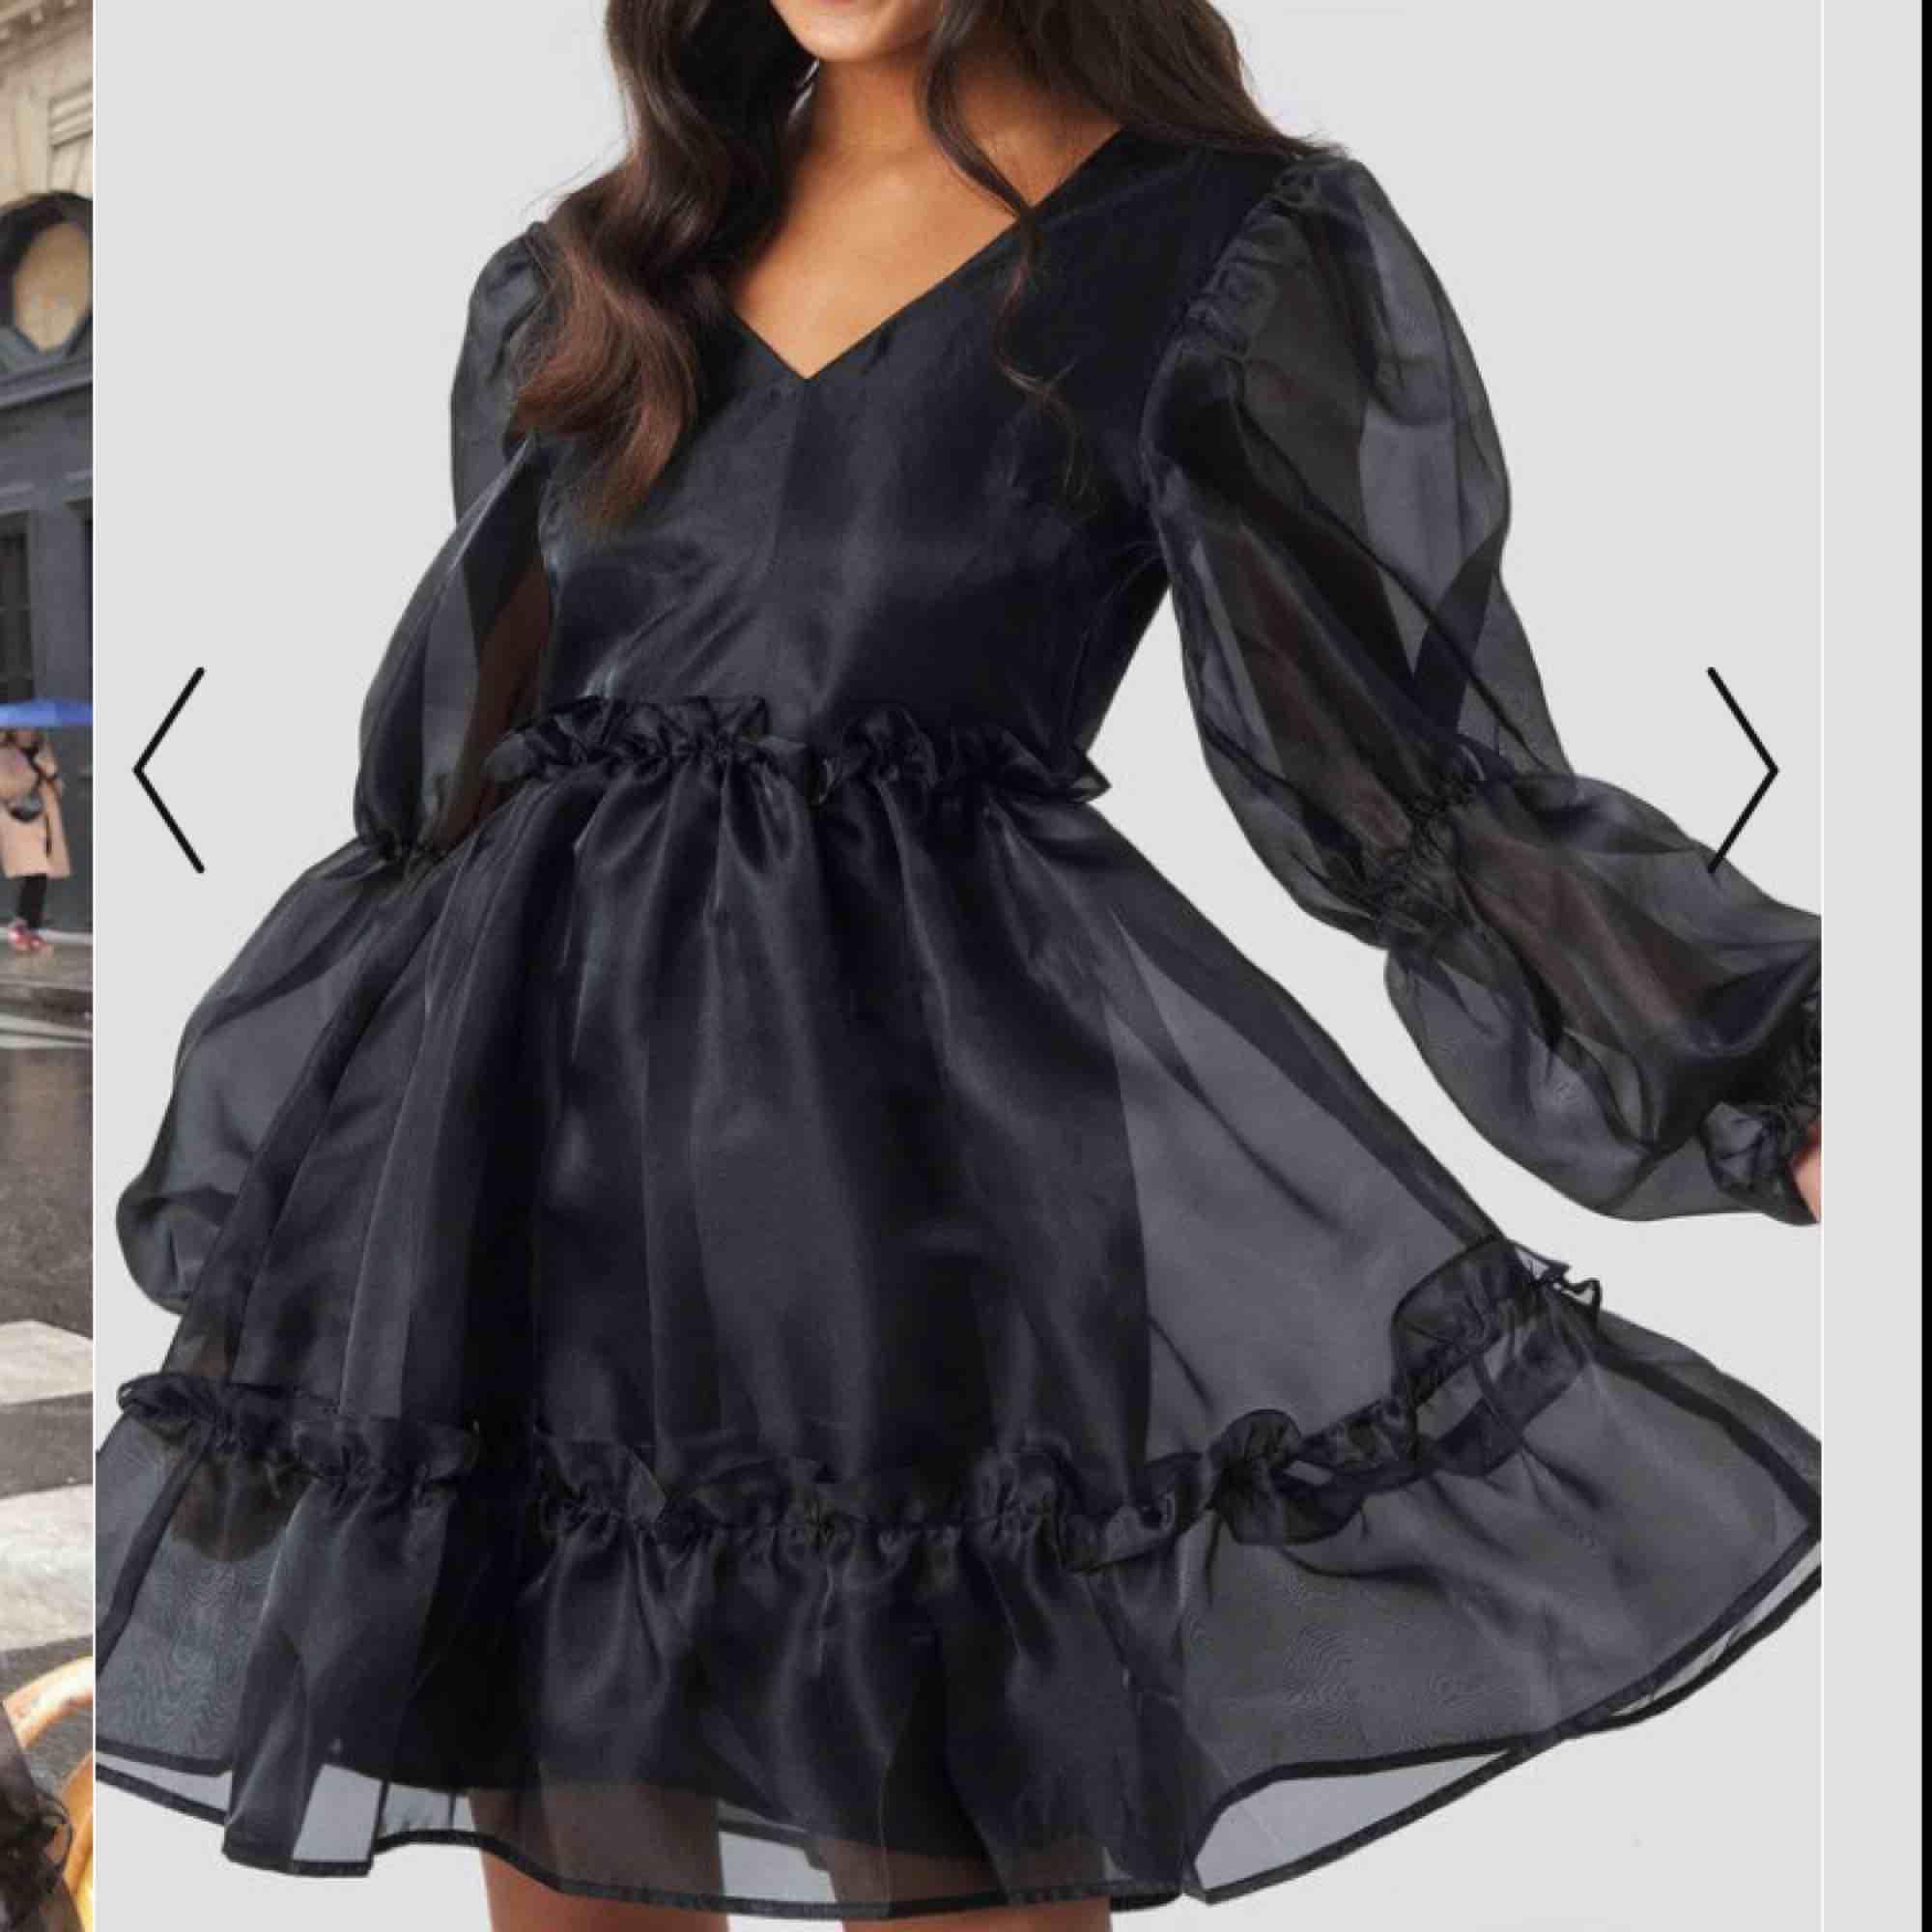 Jättevacker klänning från NAKD. Helt ny och populär! Slutsåld på NAKD många gånger. Passar alla mellan XXS-S! . Klänningar.